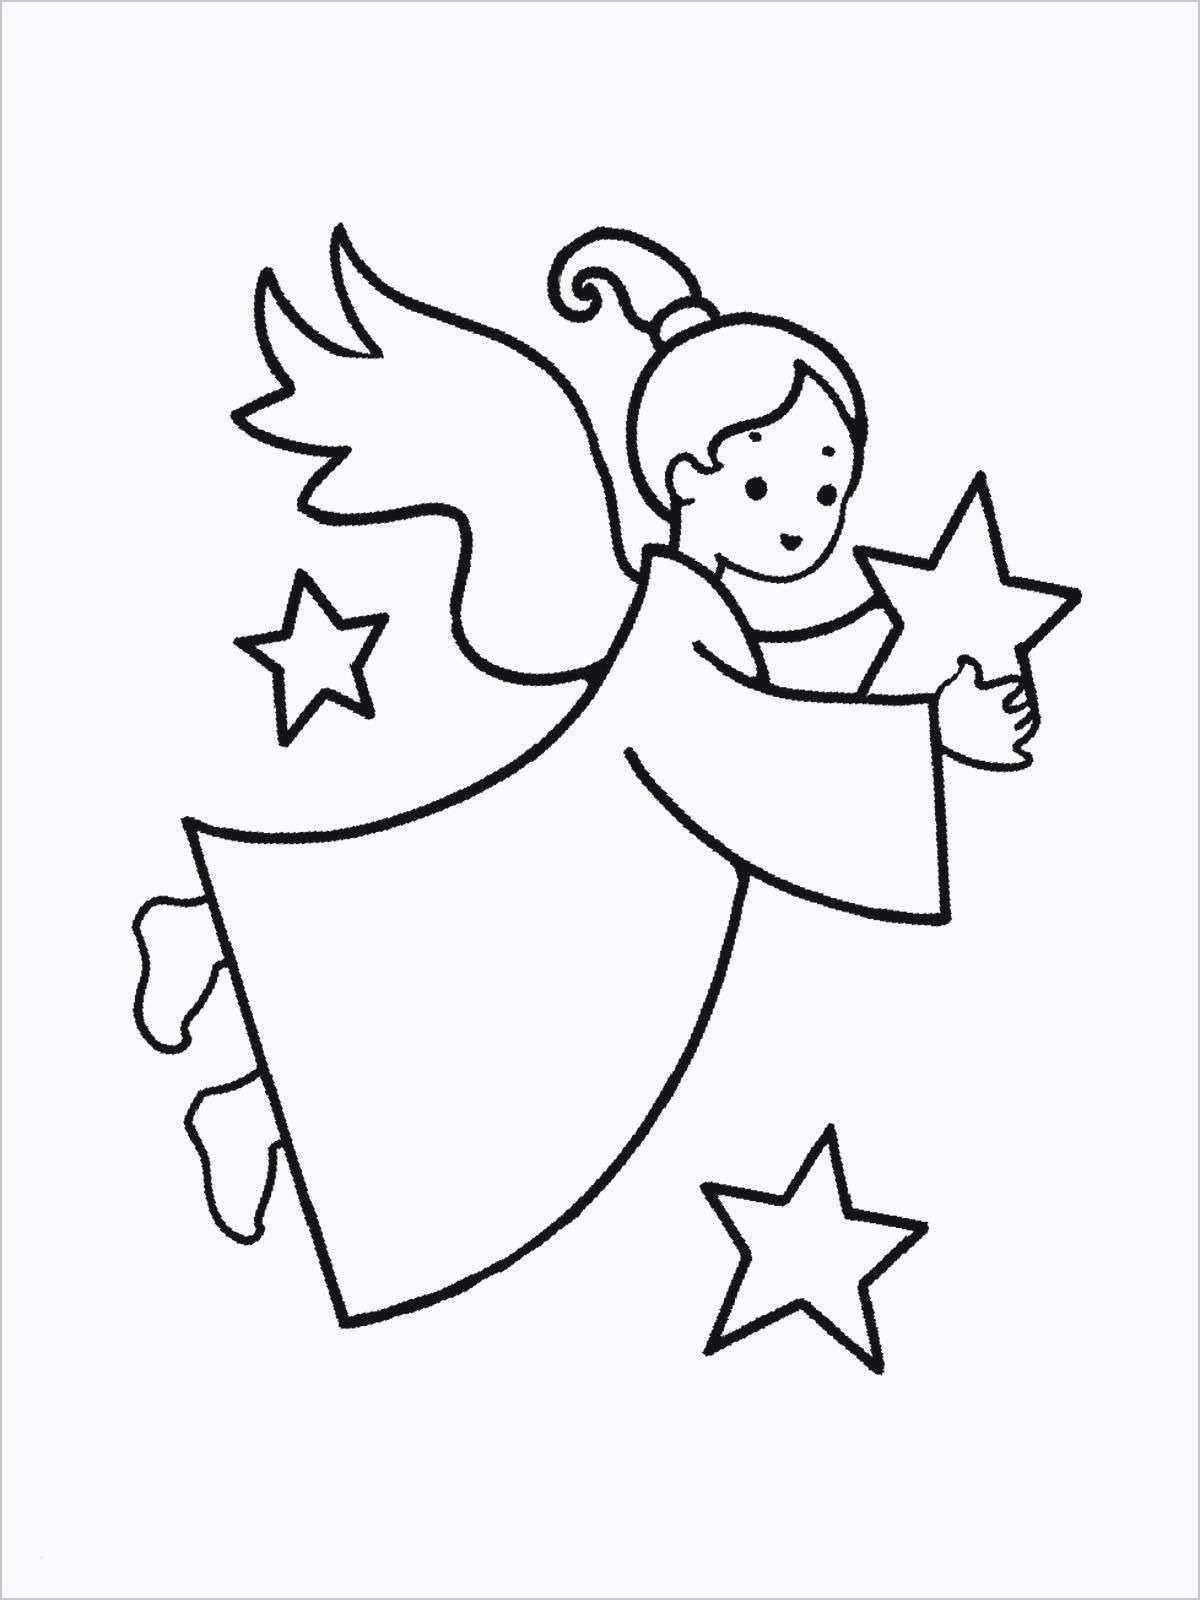 Malvorlagen Weihnachten Din A4 Genial Ausmalbilder Für Kinder Ideen Page 100 Of 125 Citadingue Fotos